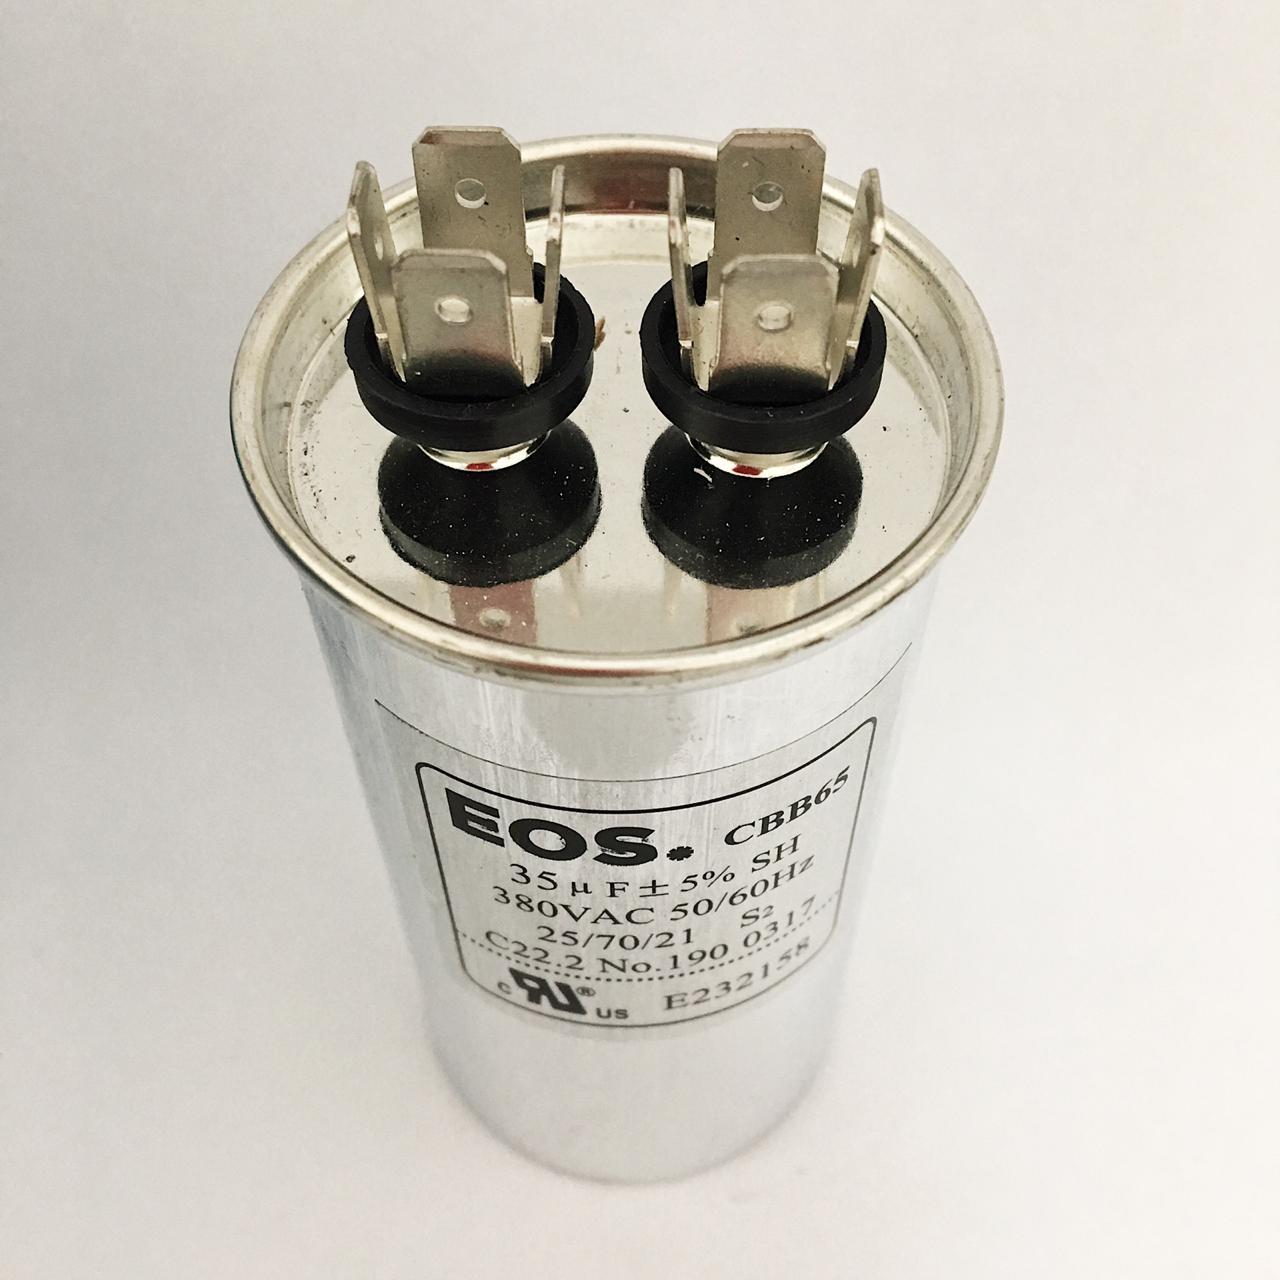 Capacitor 35 MFD 380V 50/60HZ